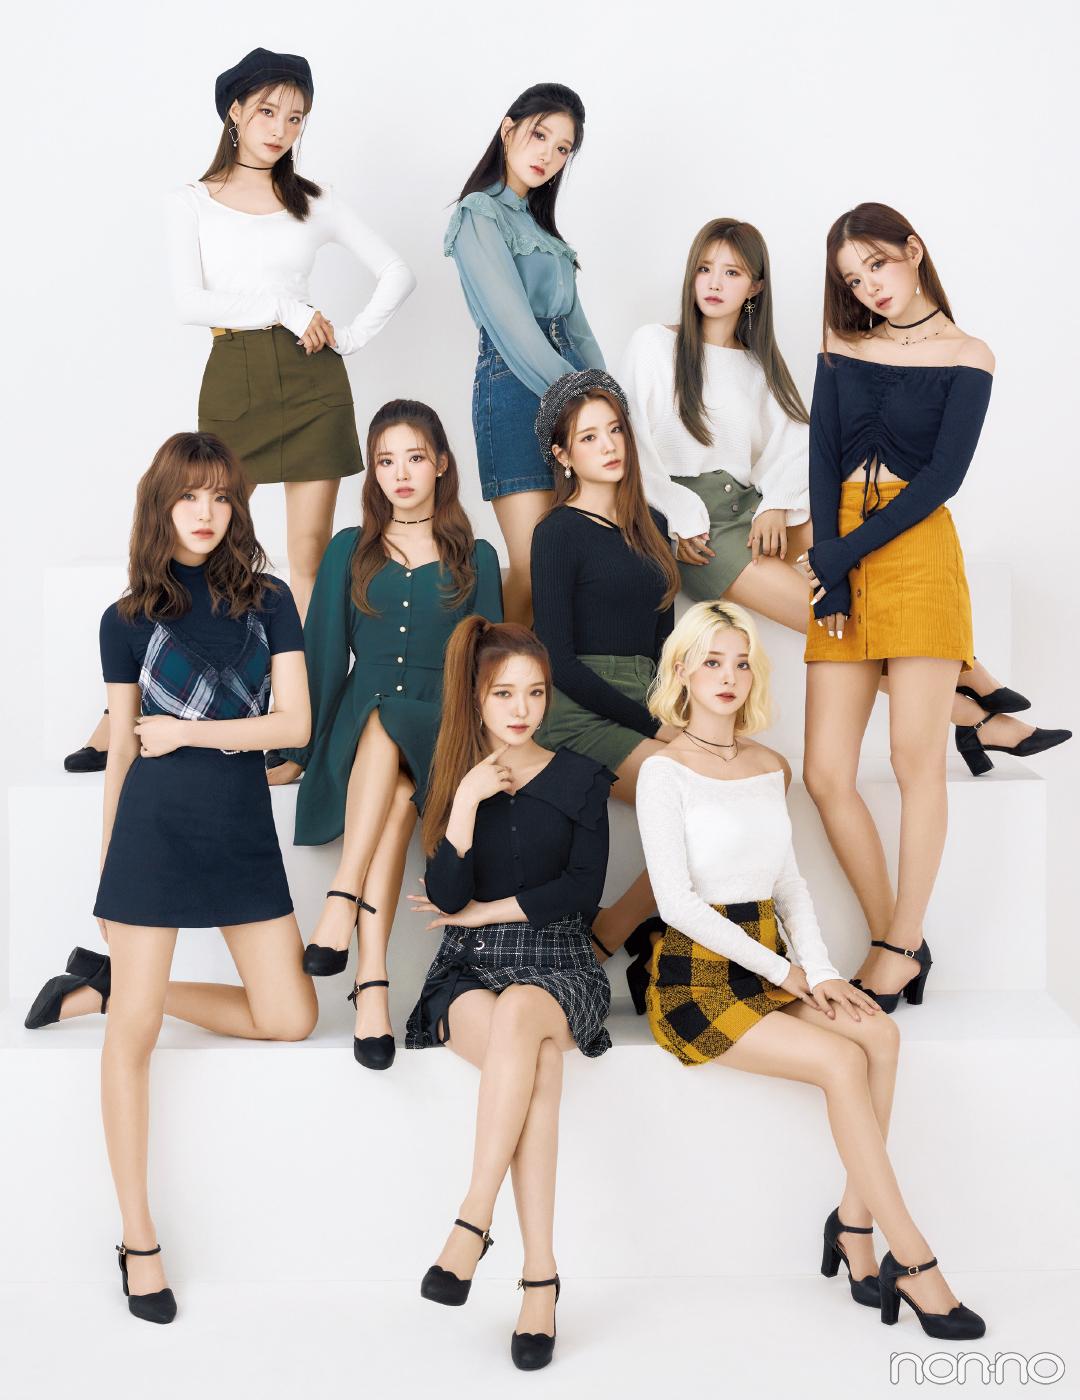 韓国のガールズグループ、fromis_9が初登場! 来日の思い出も♡ _1_2